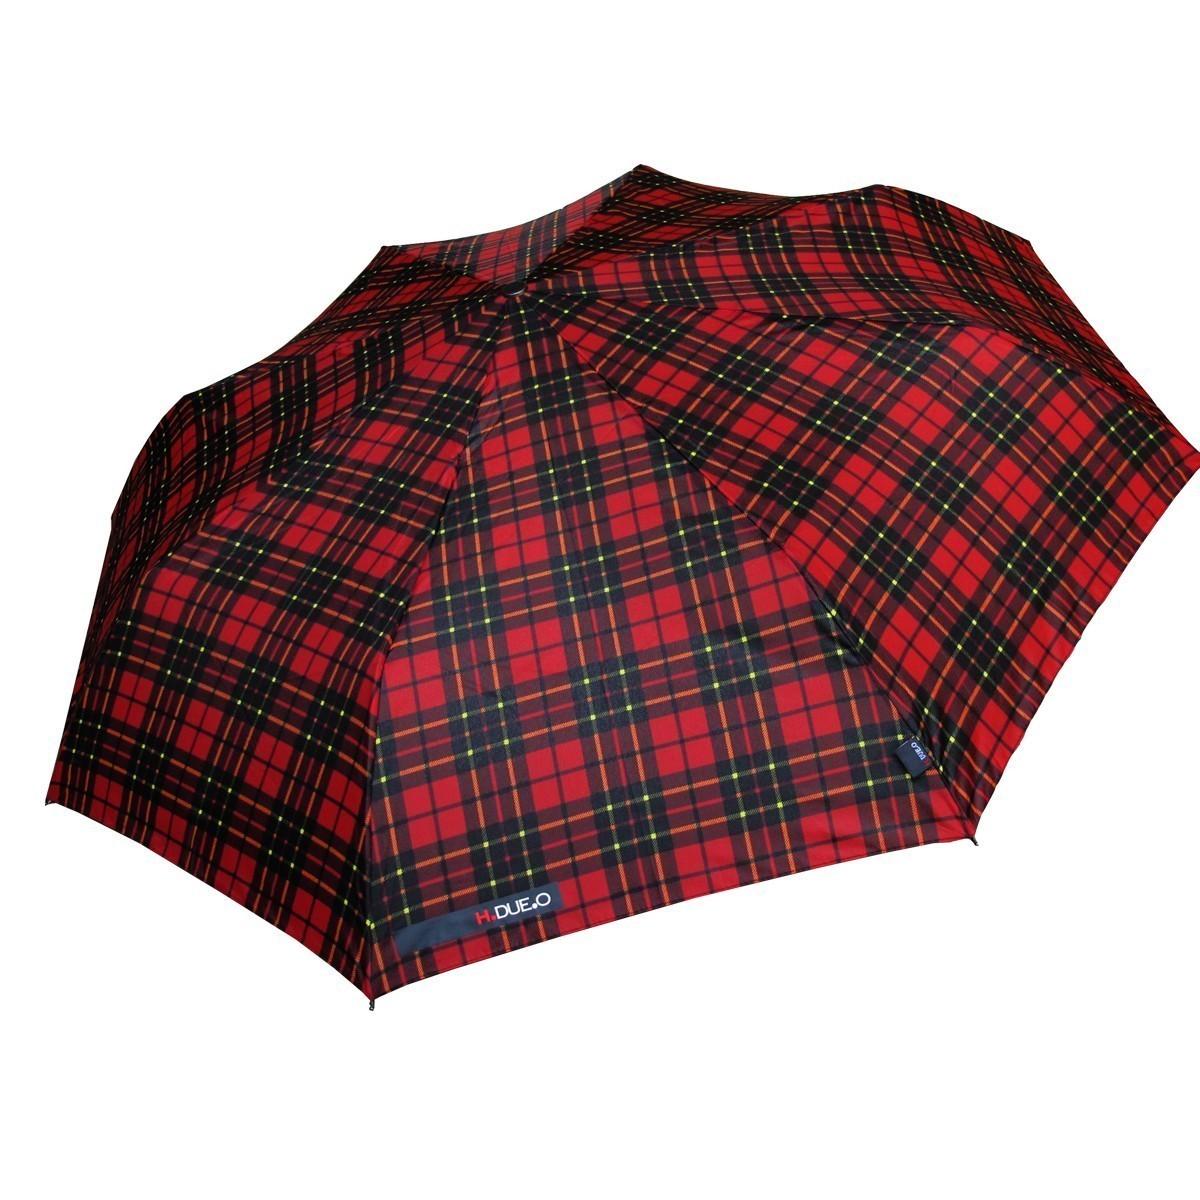 Ombrello mini H-605 rosso aperto - H.2.O